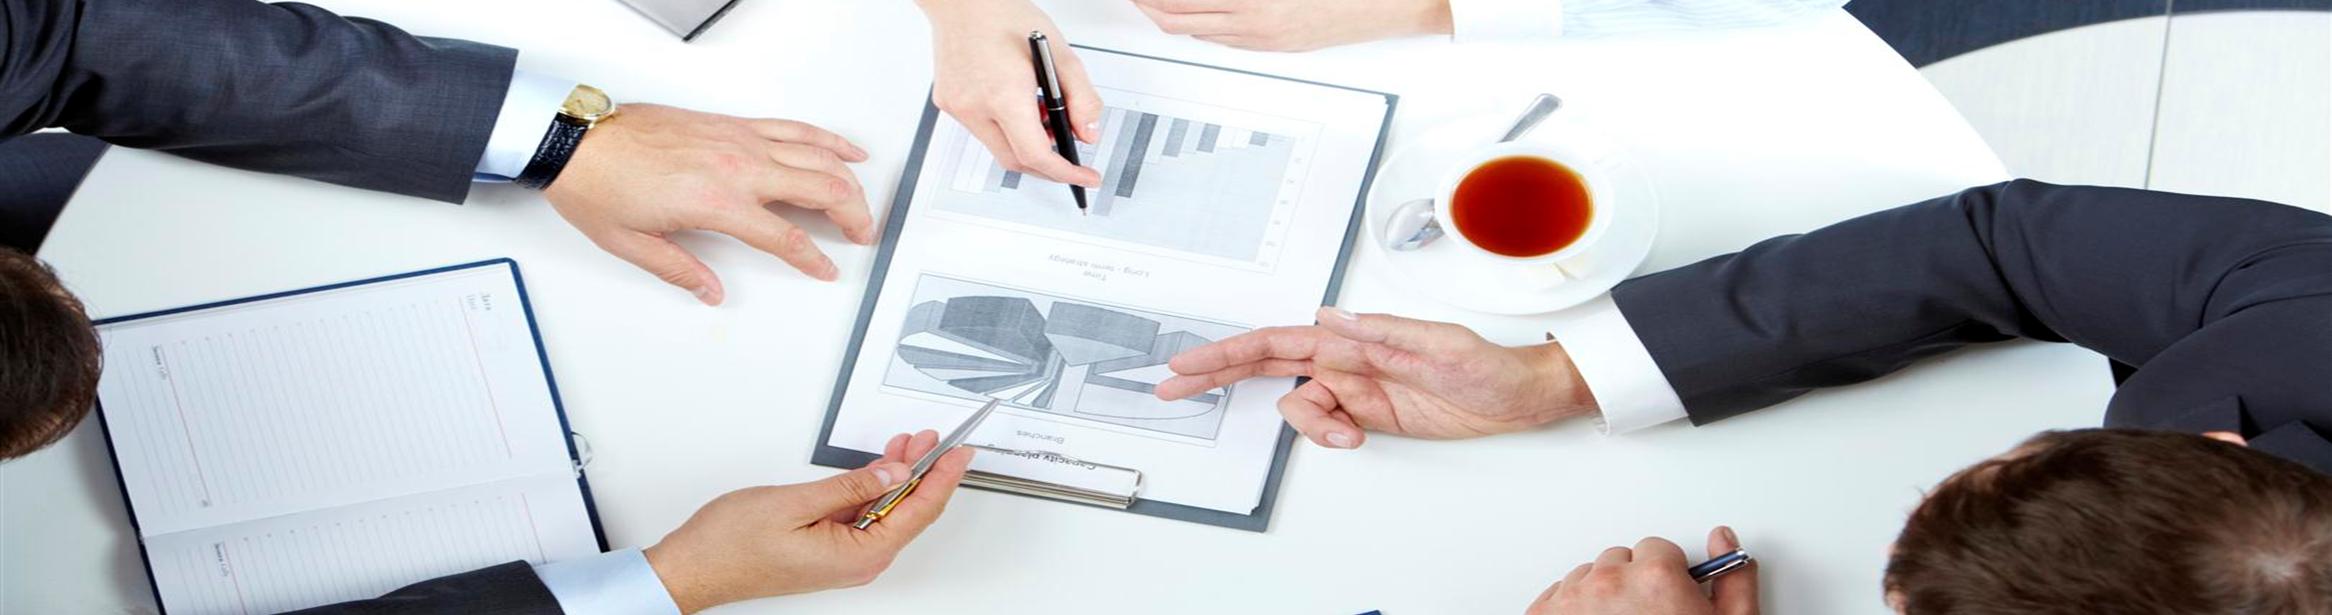 סדנה בנושא: ניתוח תזרים מזומנים ובניית תקציב ככלי להצלחת העסק